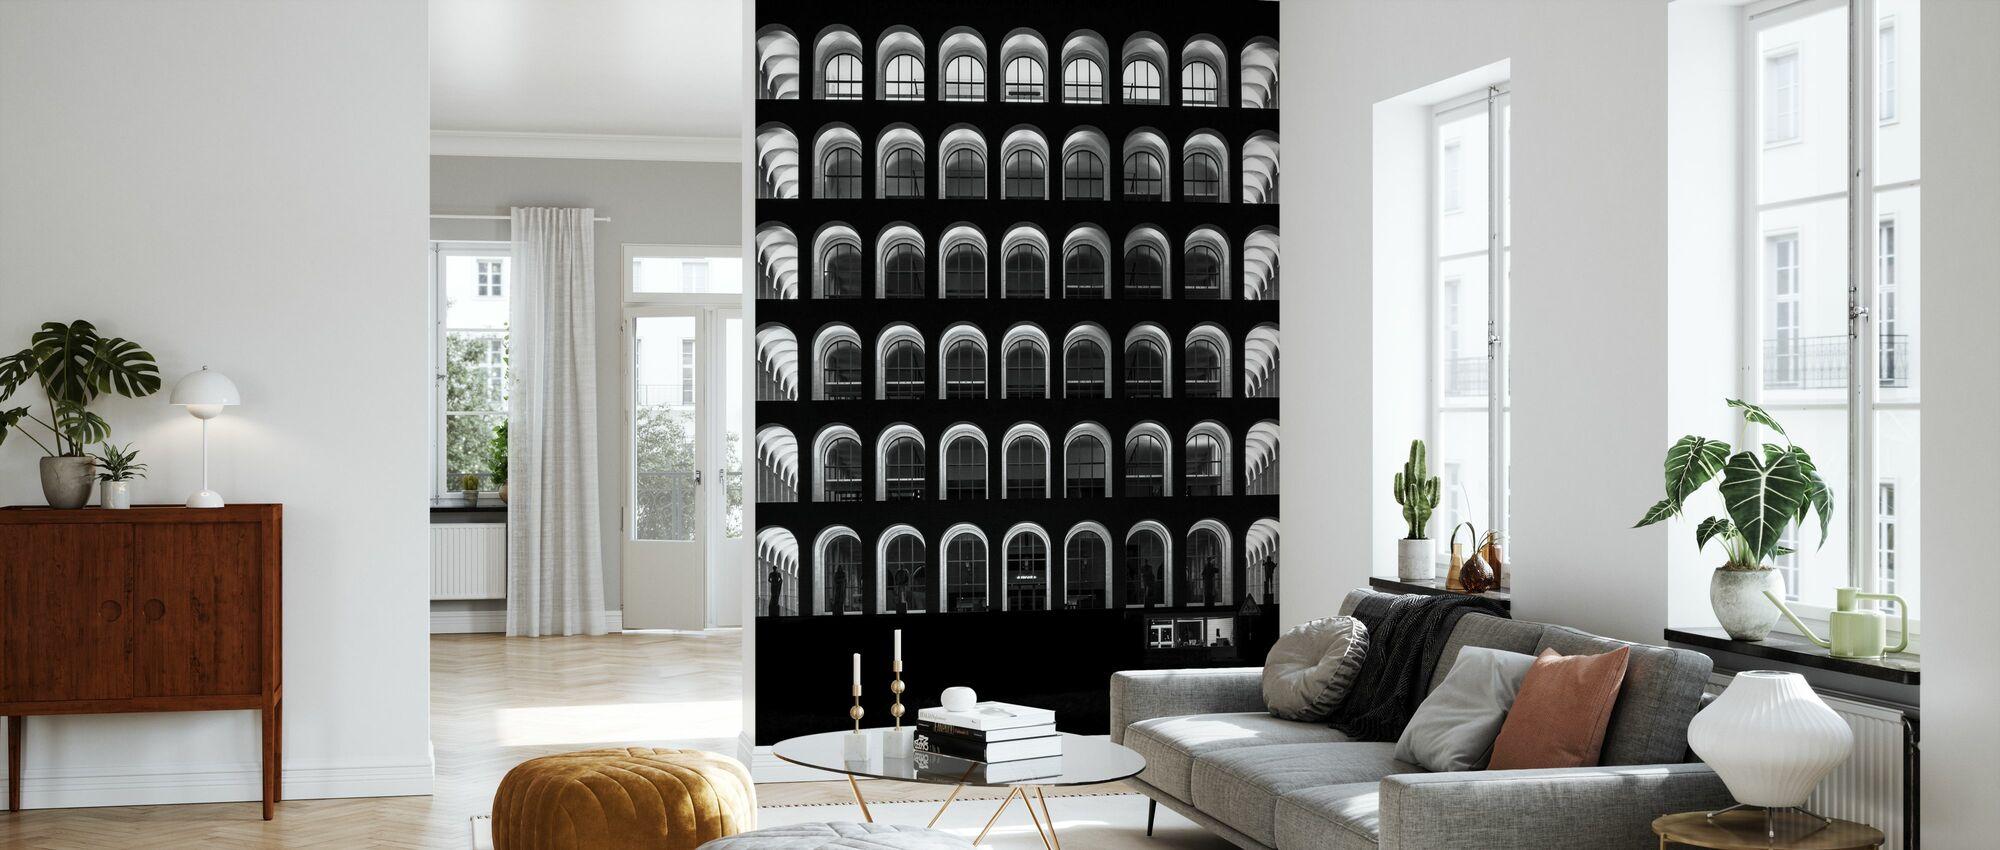 Palazzo Della Civilta Italiana - Wallpaper - Living Room